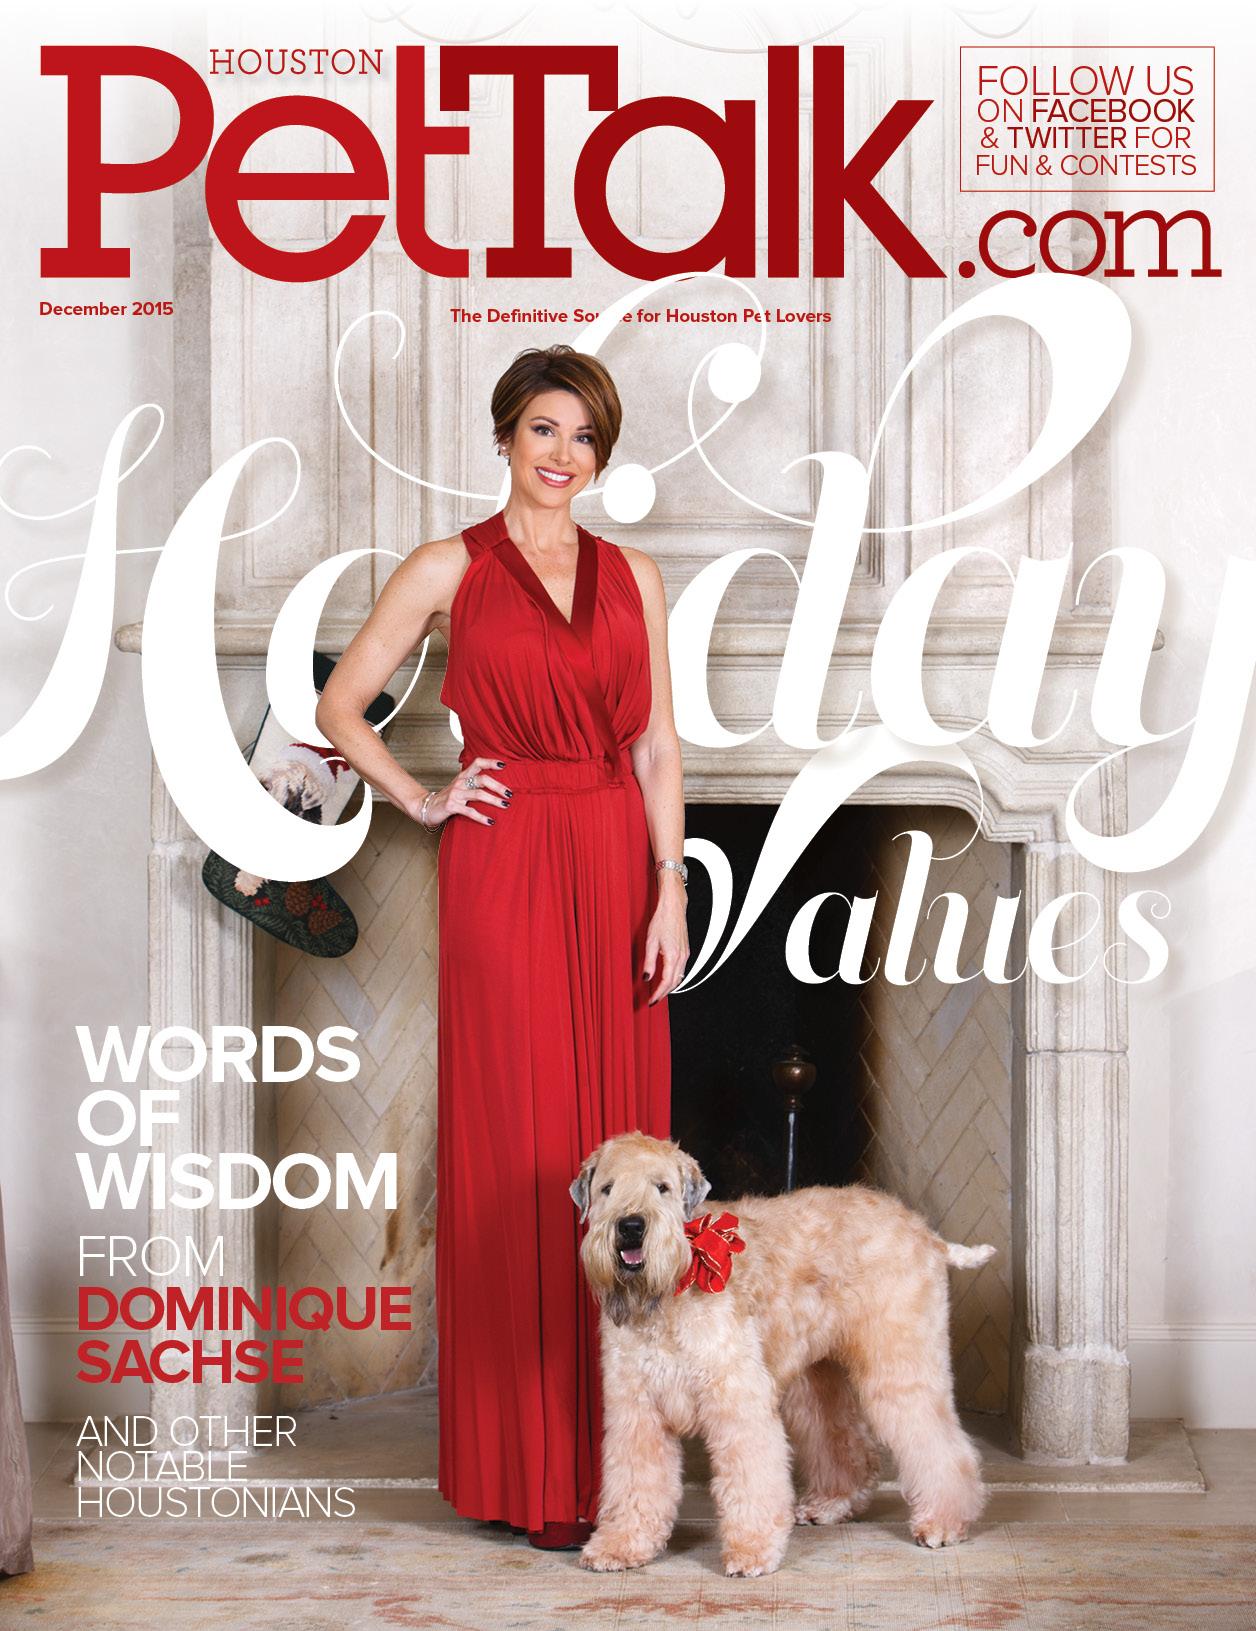 December 2015 Digital Issue of Houston PetTalk